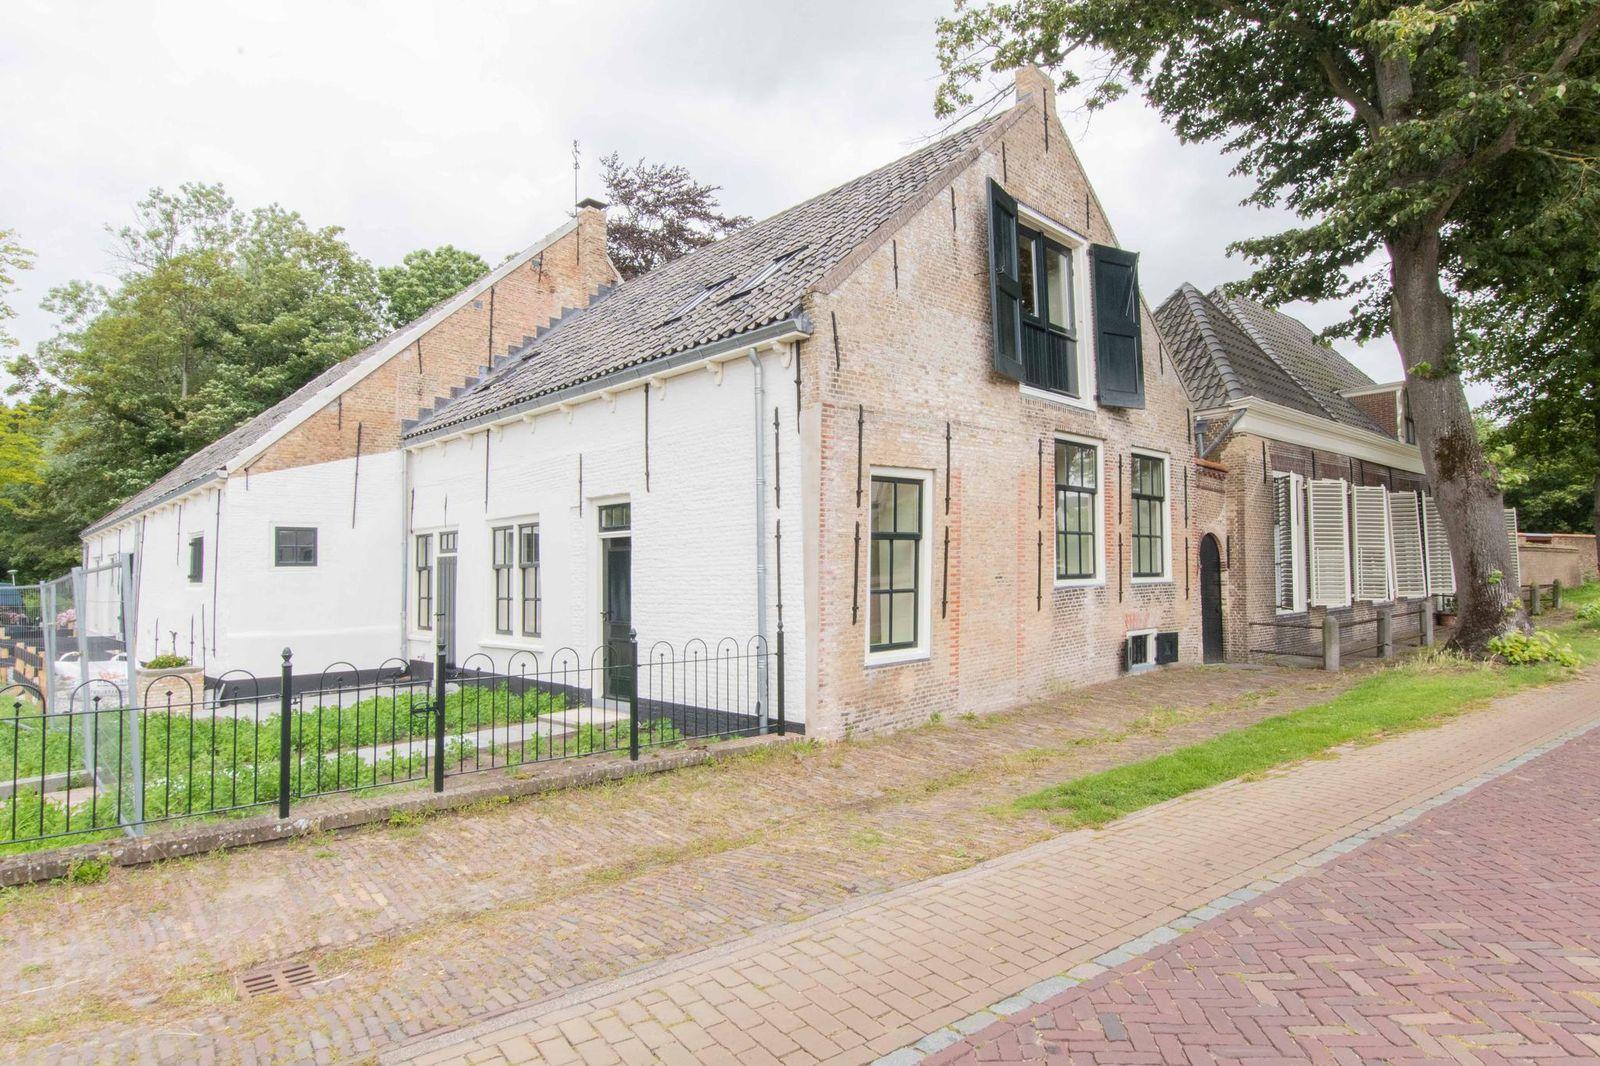 Weststraat, Burgh-haamstede